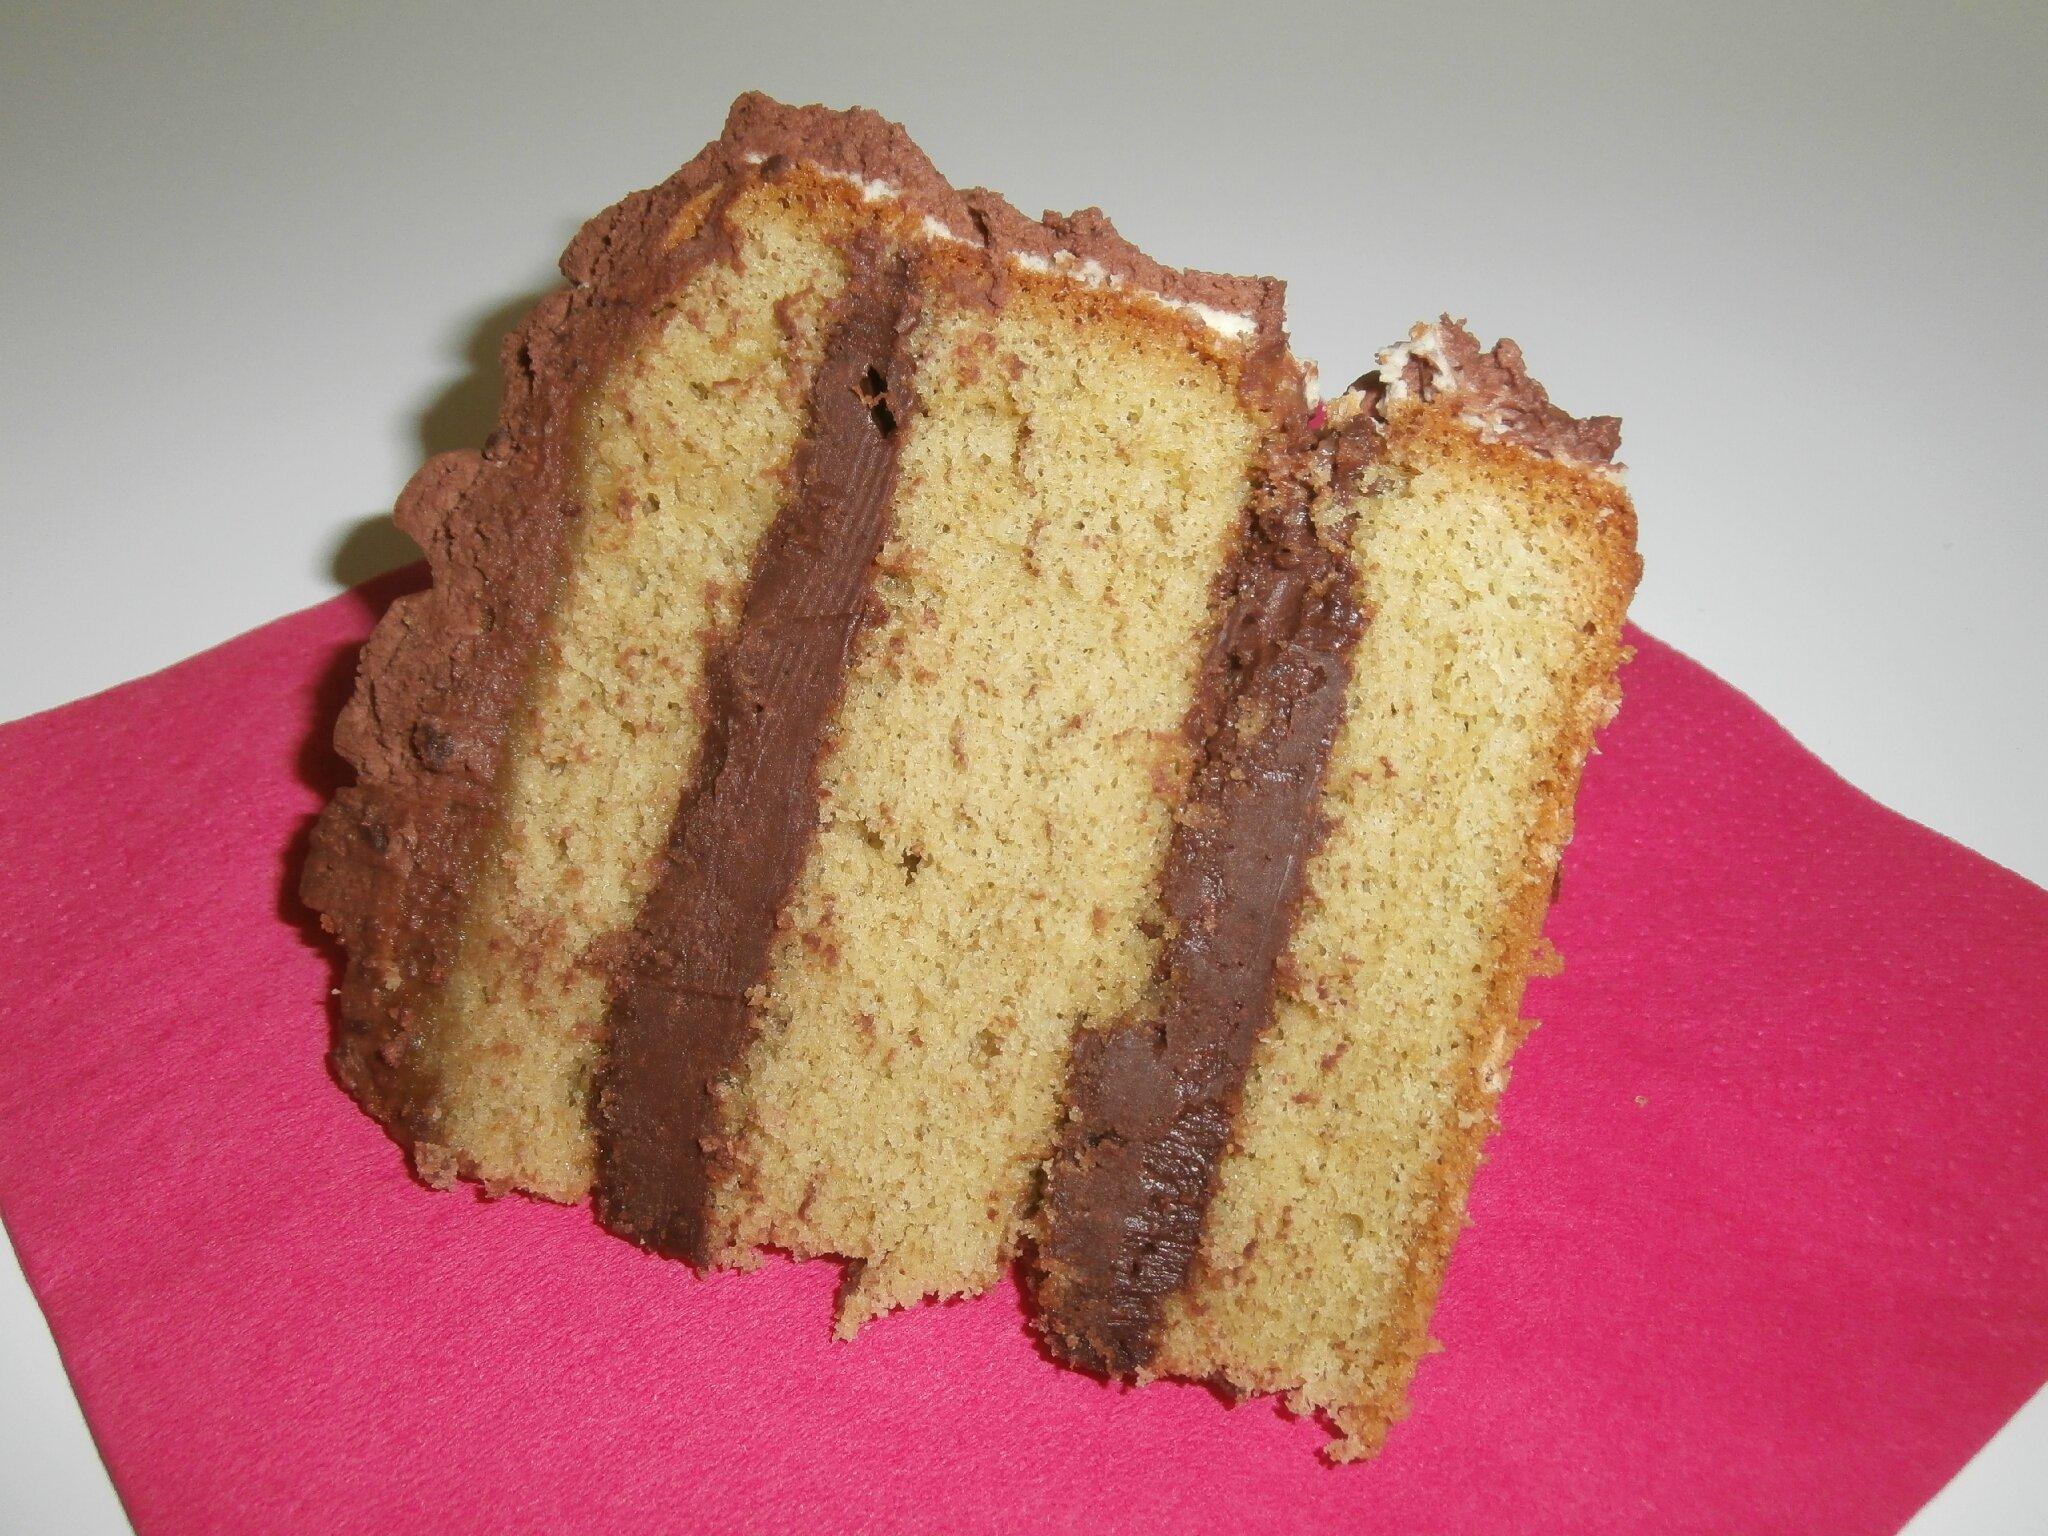 Chocolate petals cake les g teaux magiques d 39 alilo - Decoration gateau genoise ...